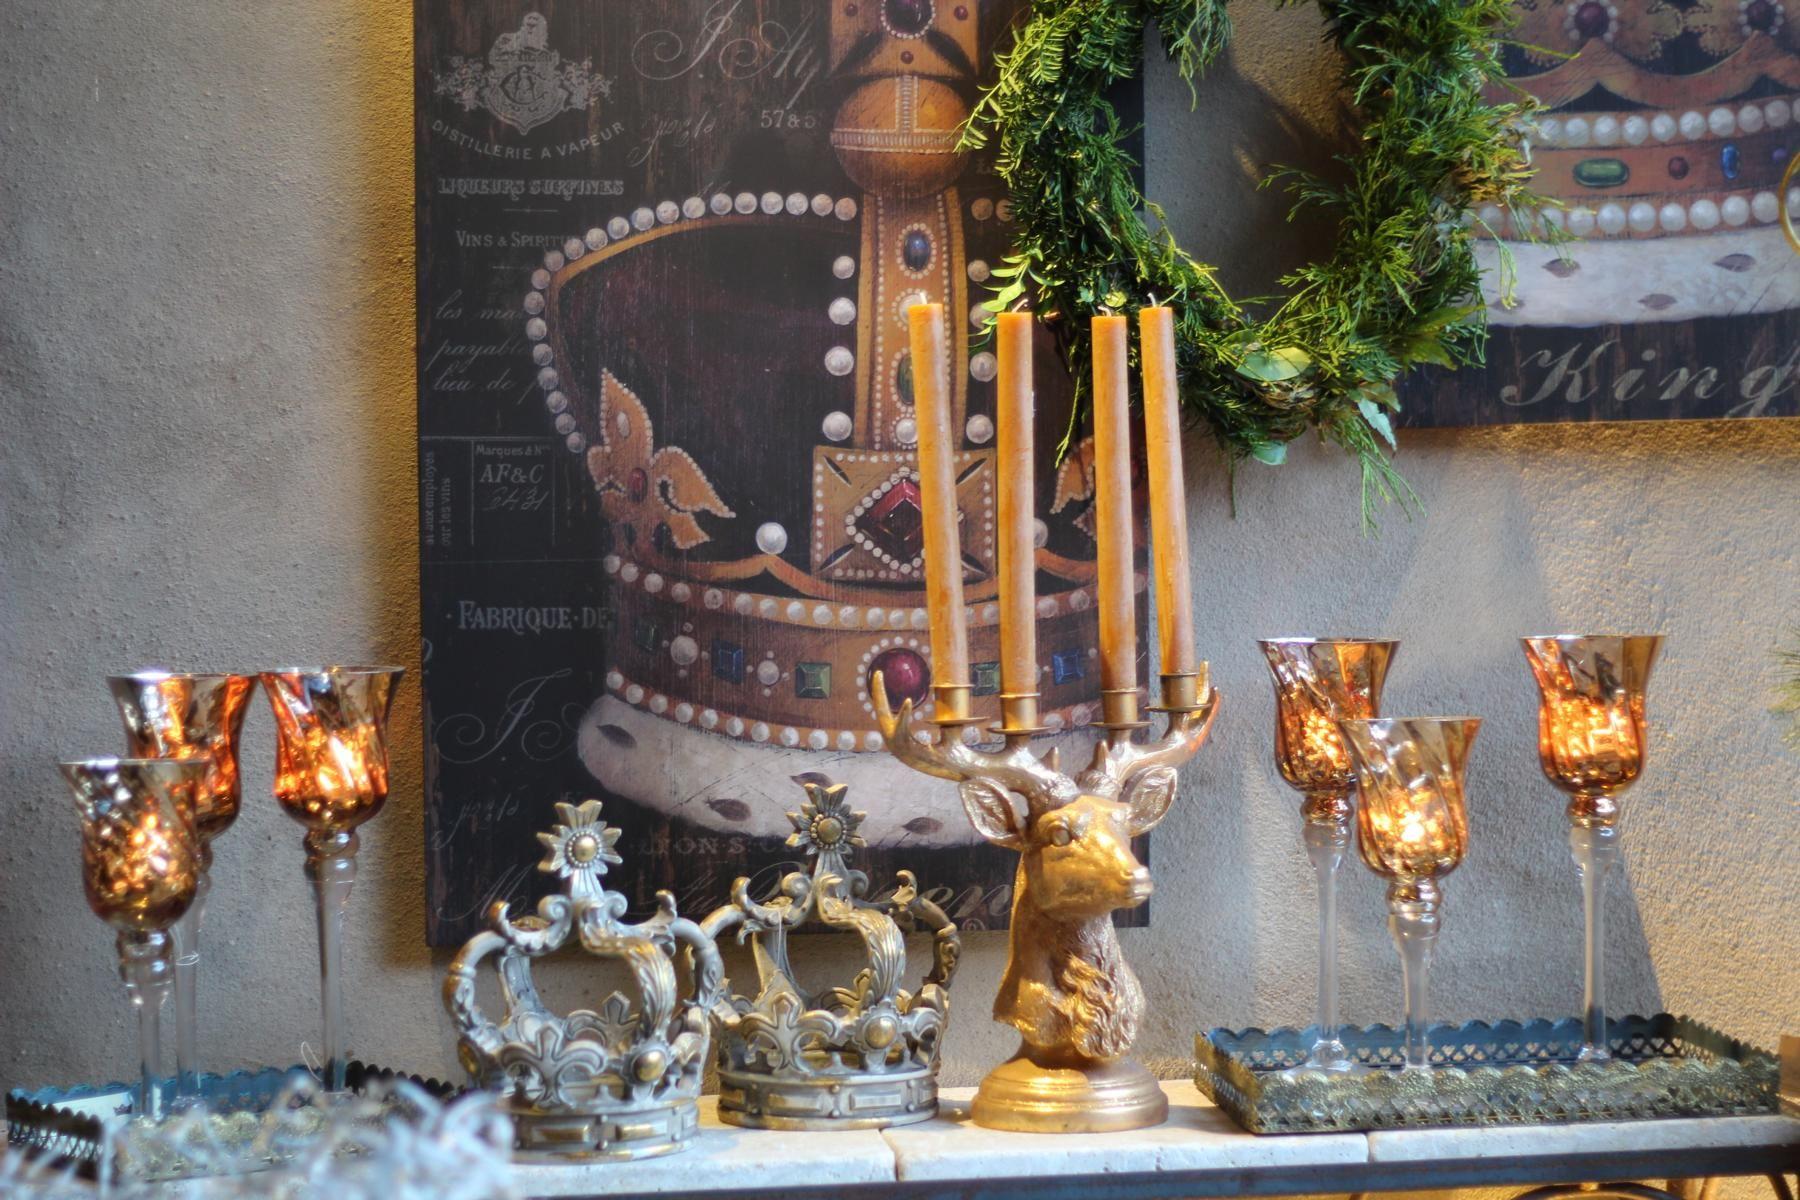 Ausstellung Brunnenschmiede im Heimbacher Hof - Dekorationen in angesagter Shabby-Chic & Vintage Lebensart - Windlicht - Krone - Kerzen - Hirsch - Hirschgeweih | BRUNNENSCHMIEDE.DE